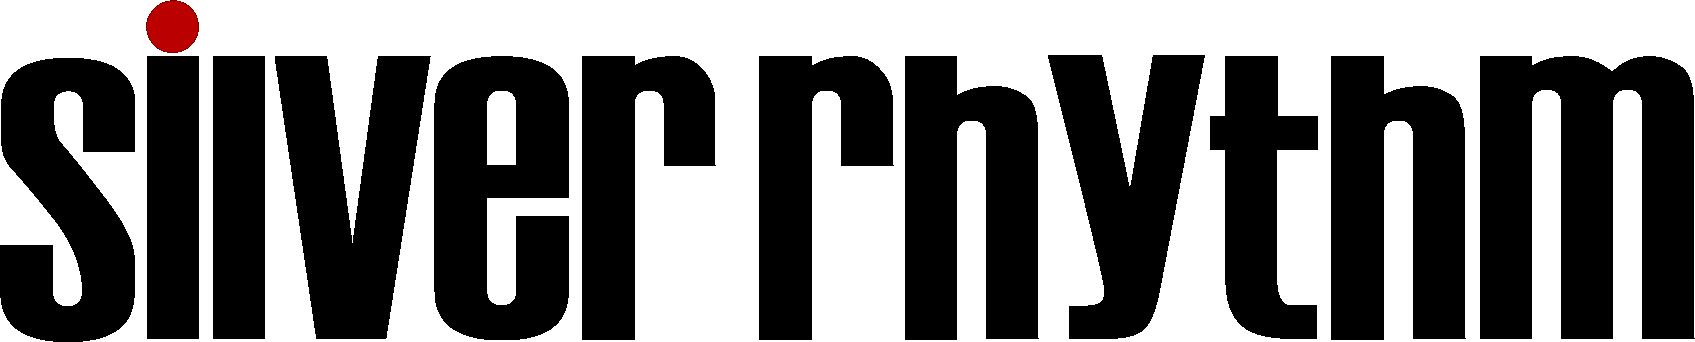 Silver Rhythm